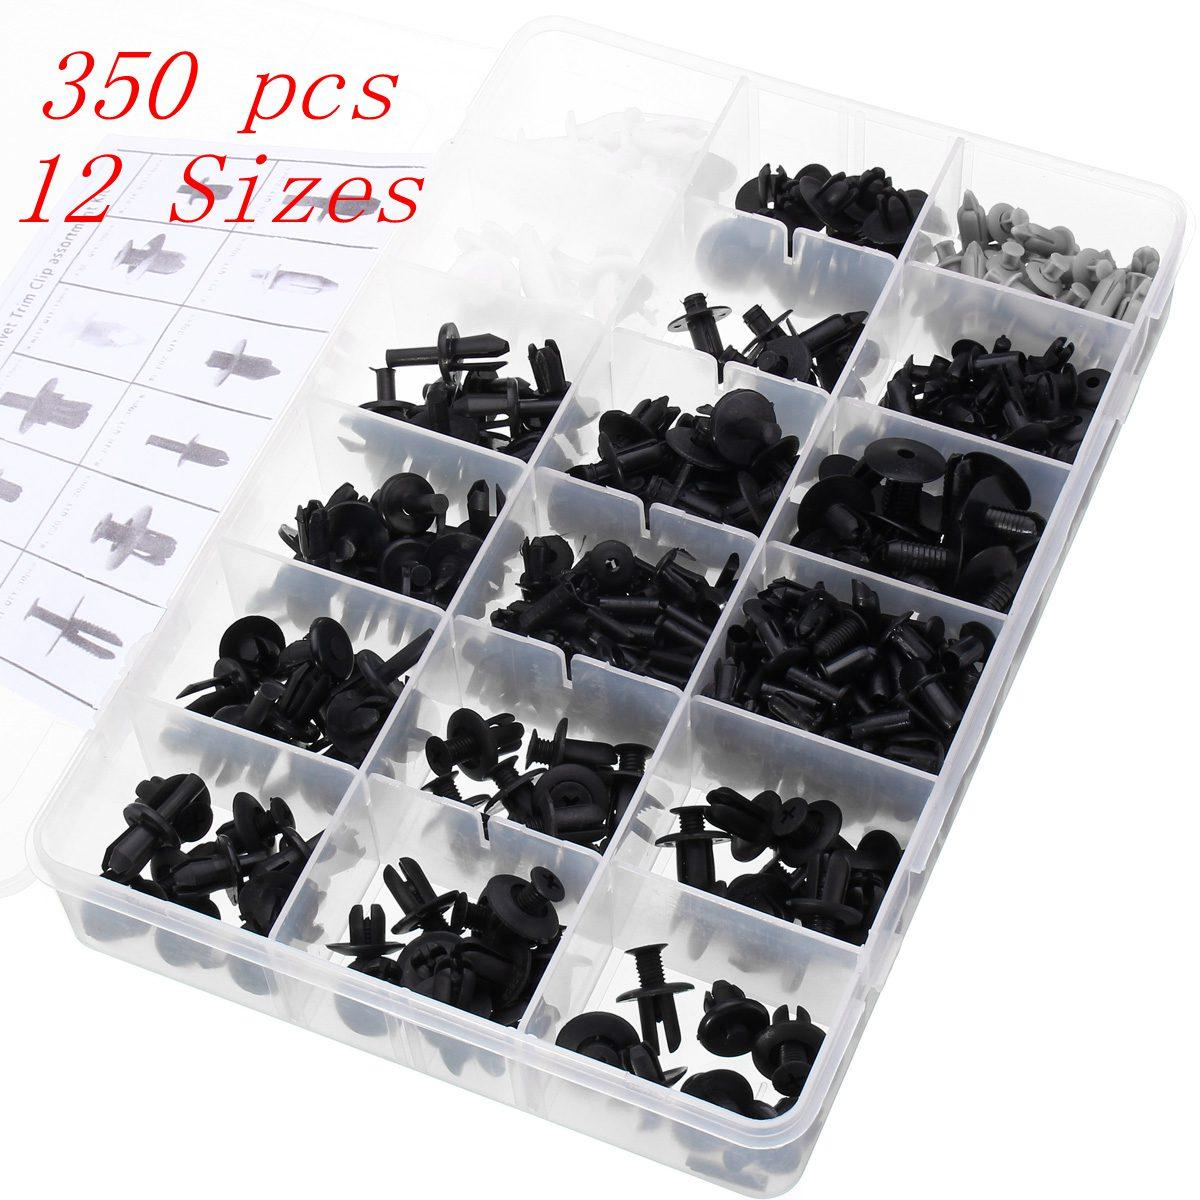 12 Sizes 350pcs Exterior//Interior Assortments Car Push Pin Rivet Trim Clip Panel